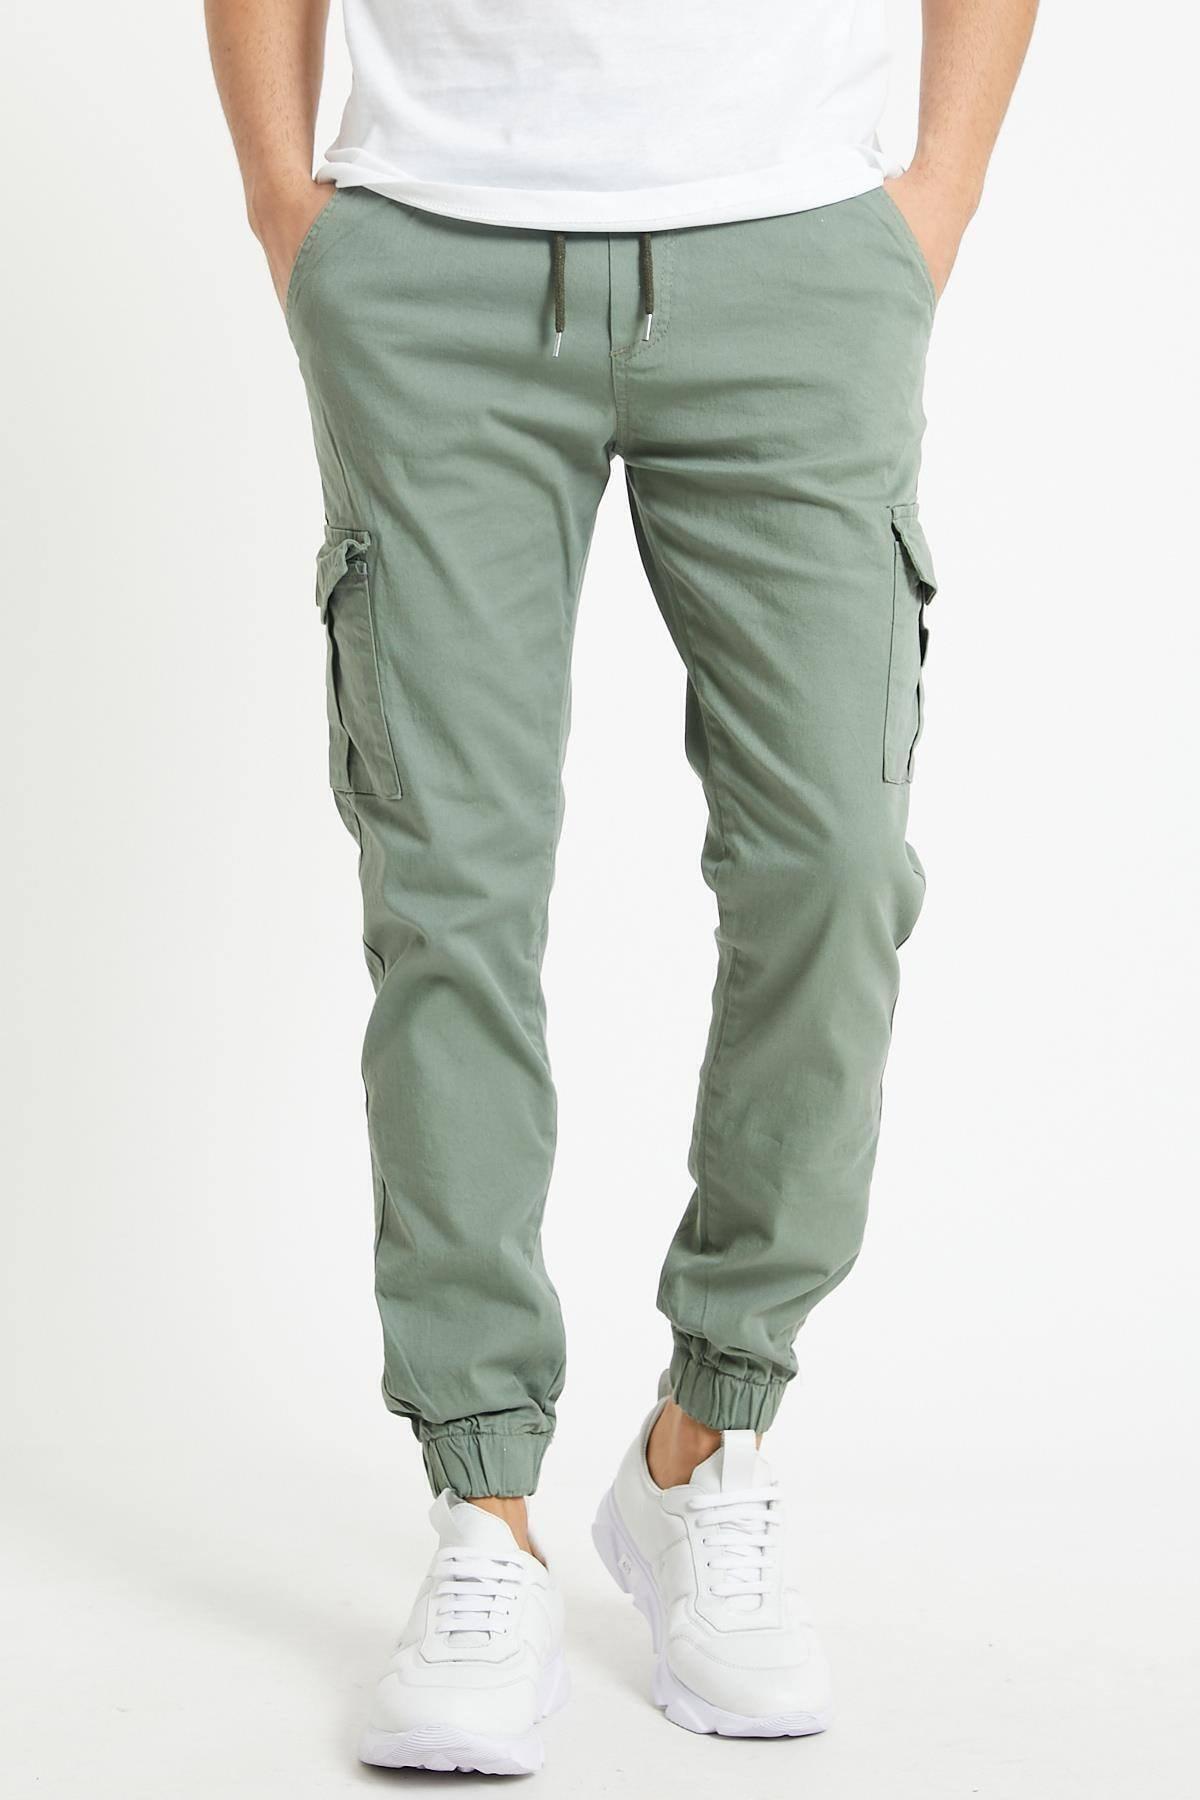 Erkek Açık Haki Slim Fit None Denim Yandan Cepli Bel Bağcıklı, Paçaları Lastikli Kargo Pantolon